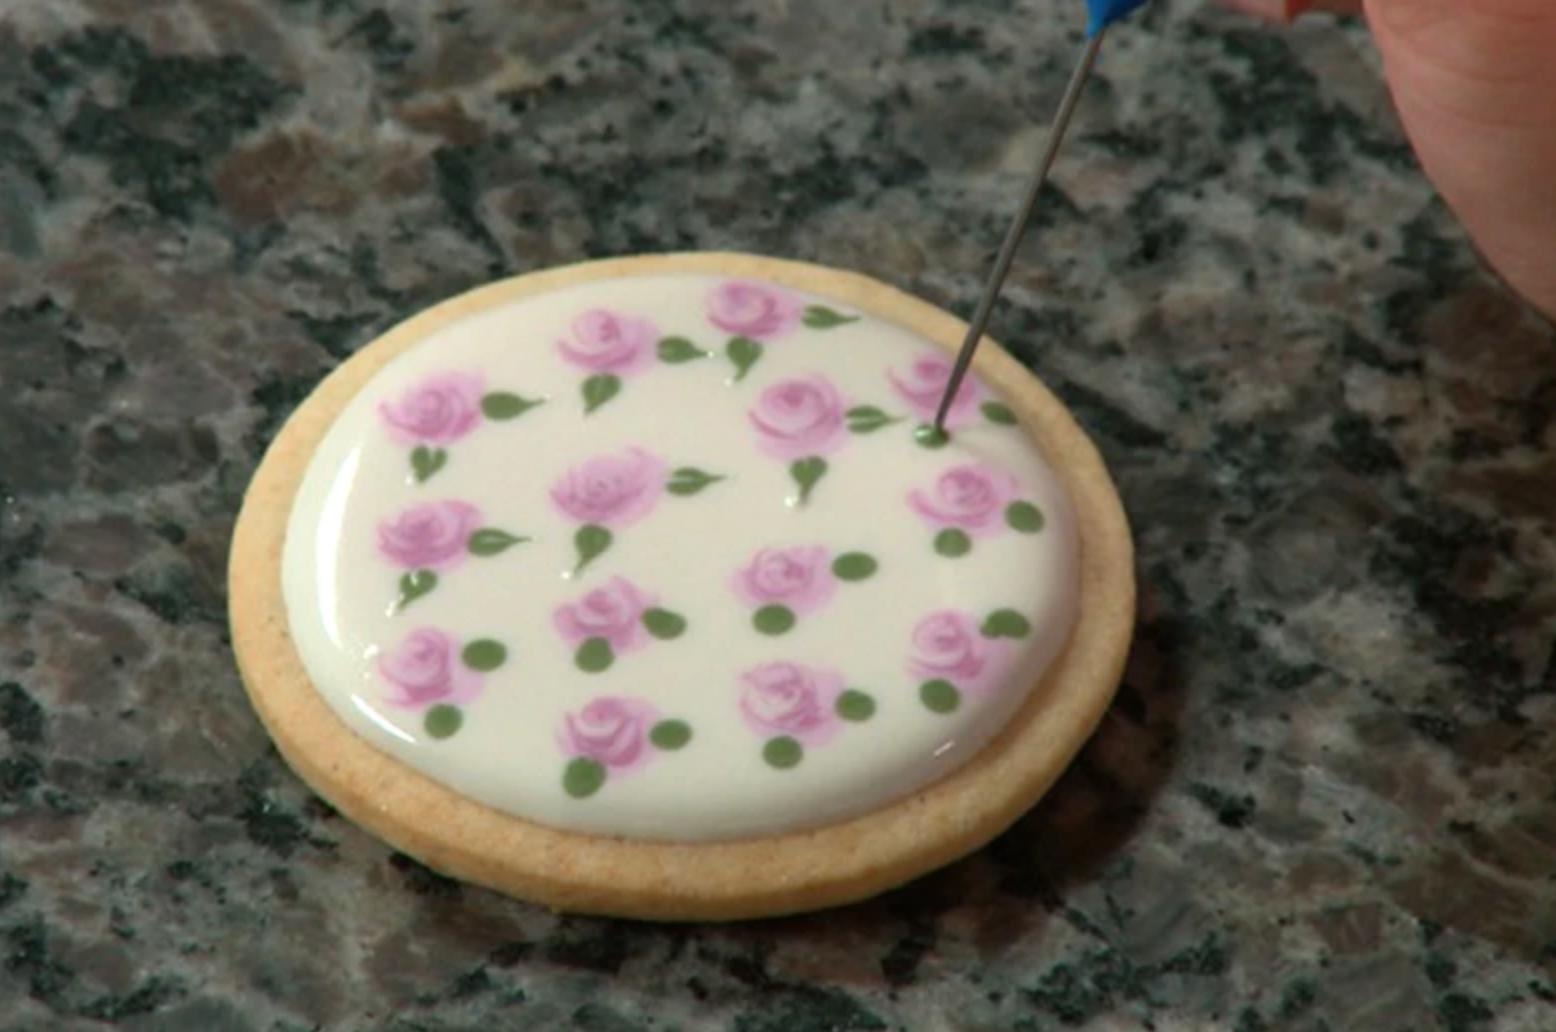 painted rose sugar cookie